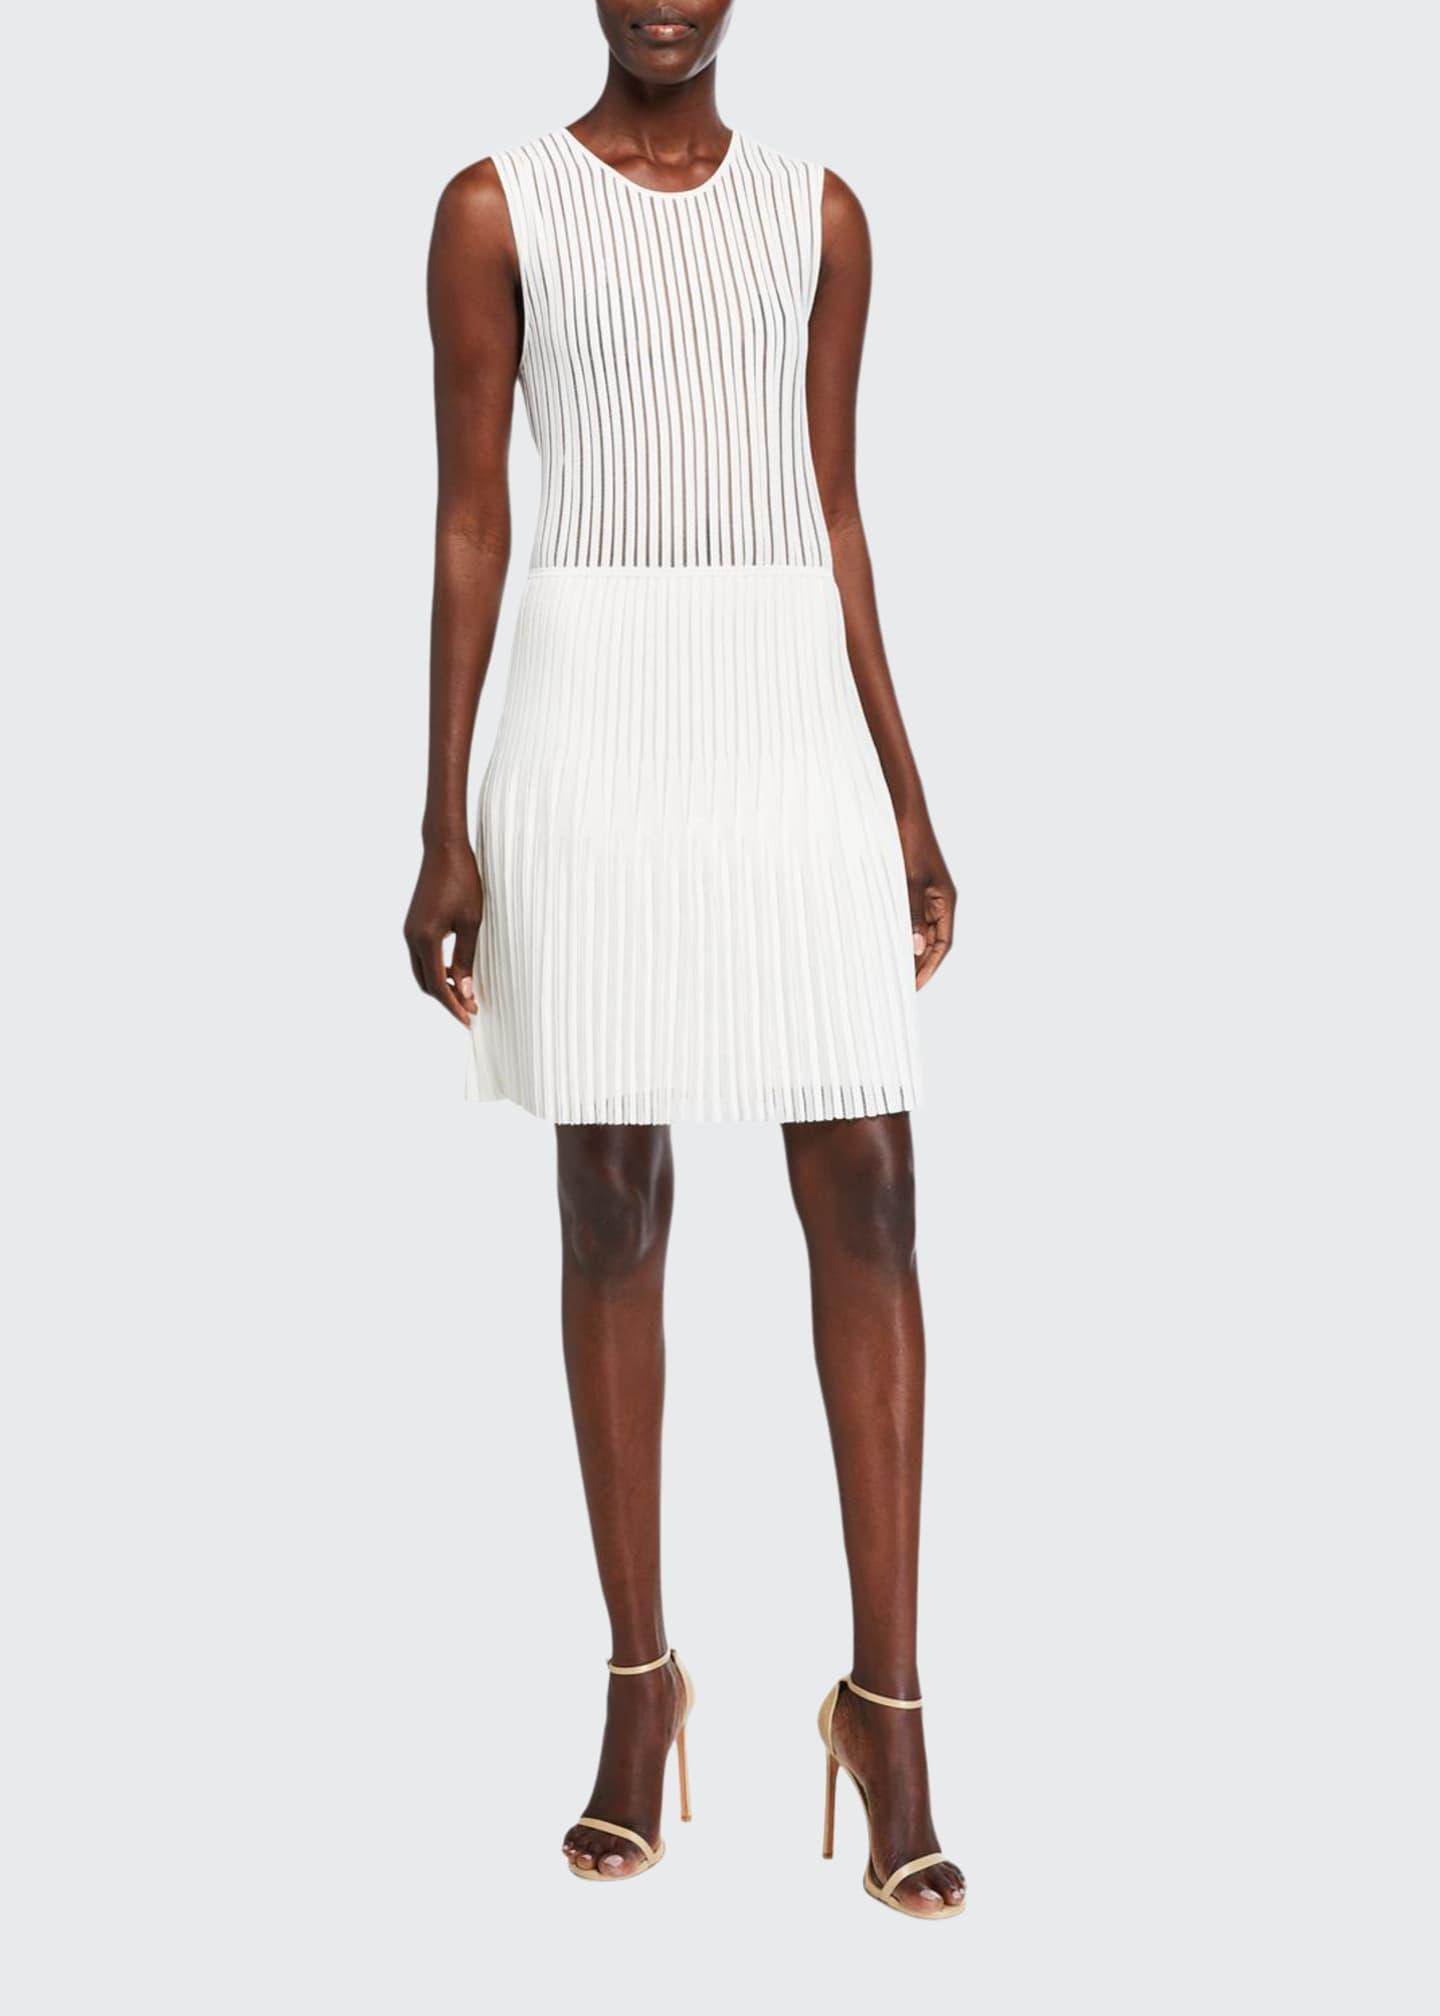 Dion Lee Pleated Knit Mini Dress